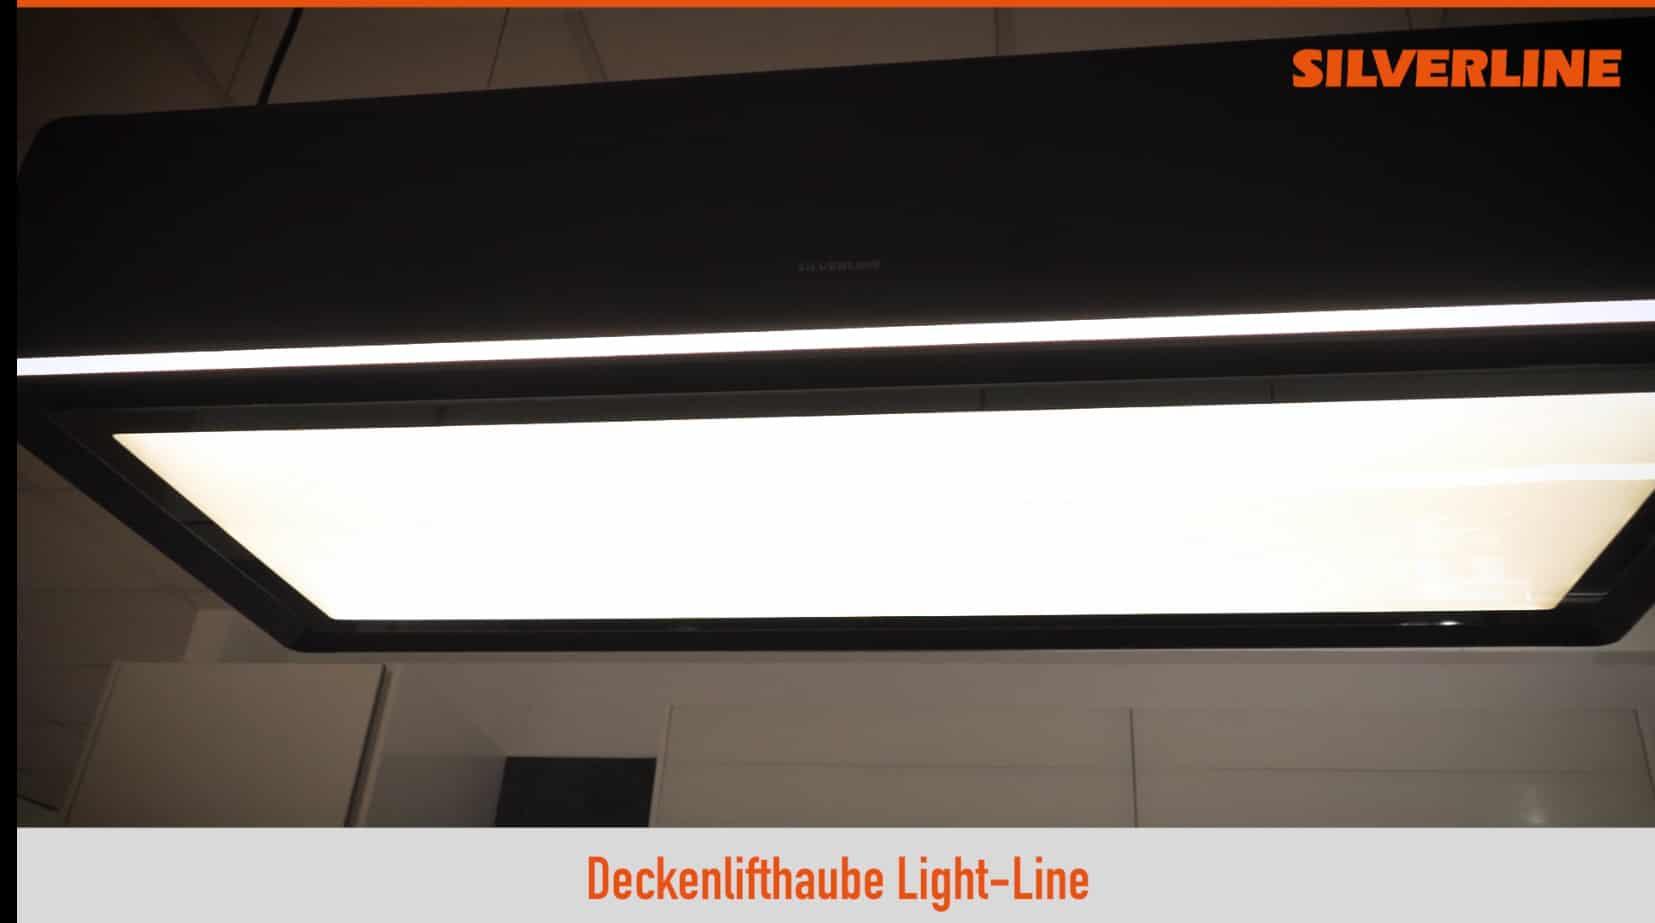 Das Multitalent: SILVERLINE Umluft-Deckenlifthaube Lightline